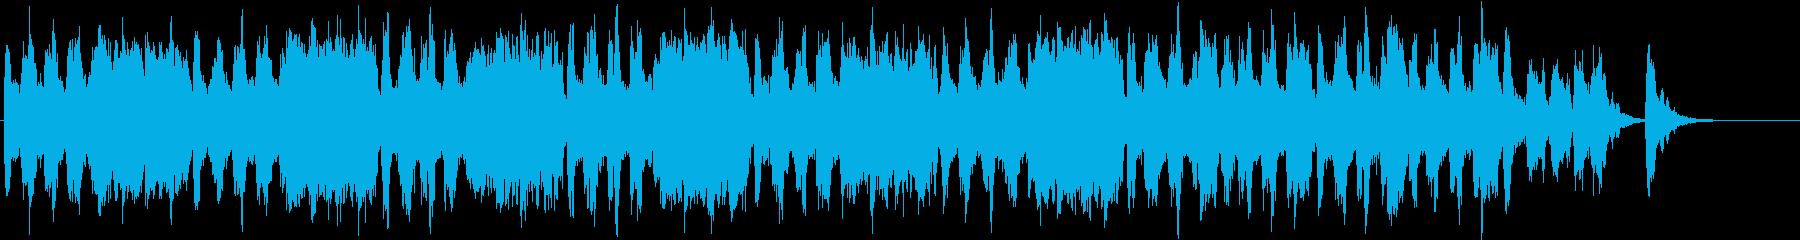 ハロウィン ホラー モンスターBGM 2の再生済みの波形